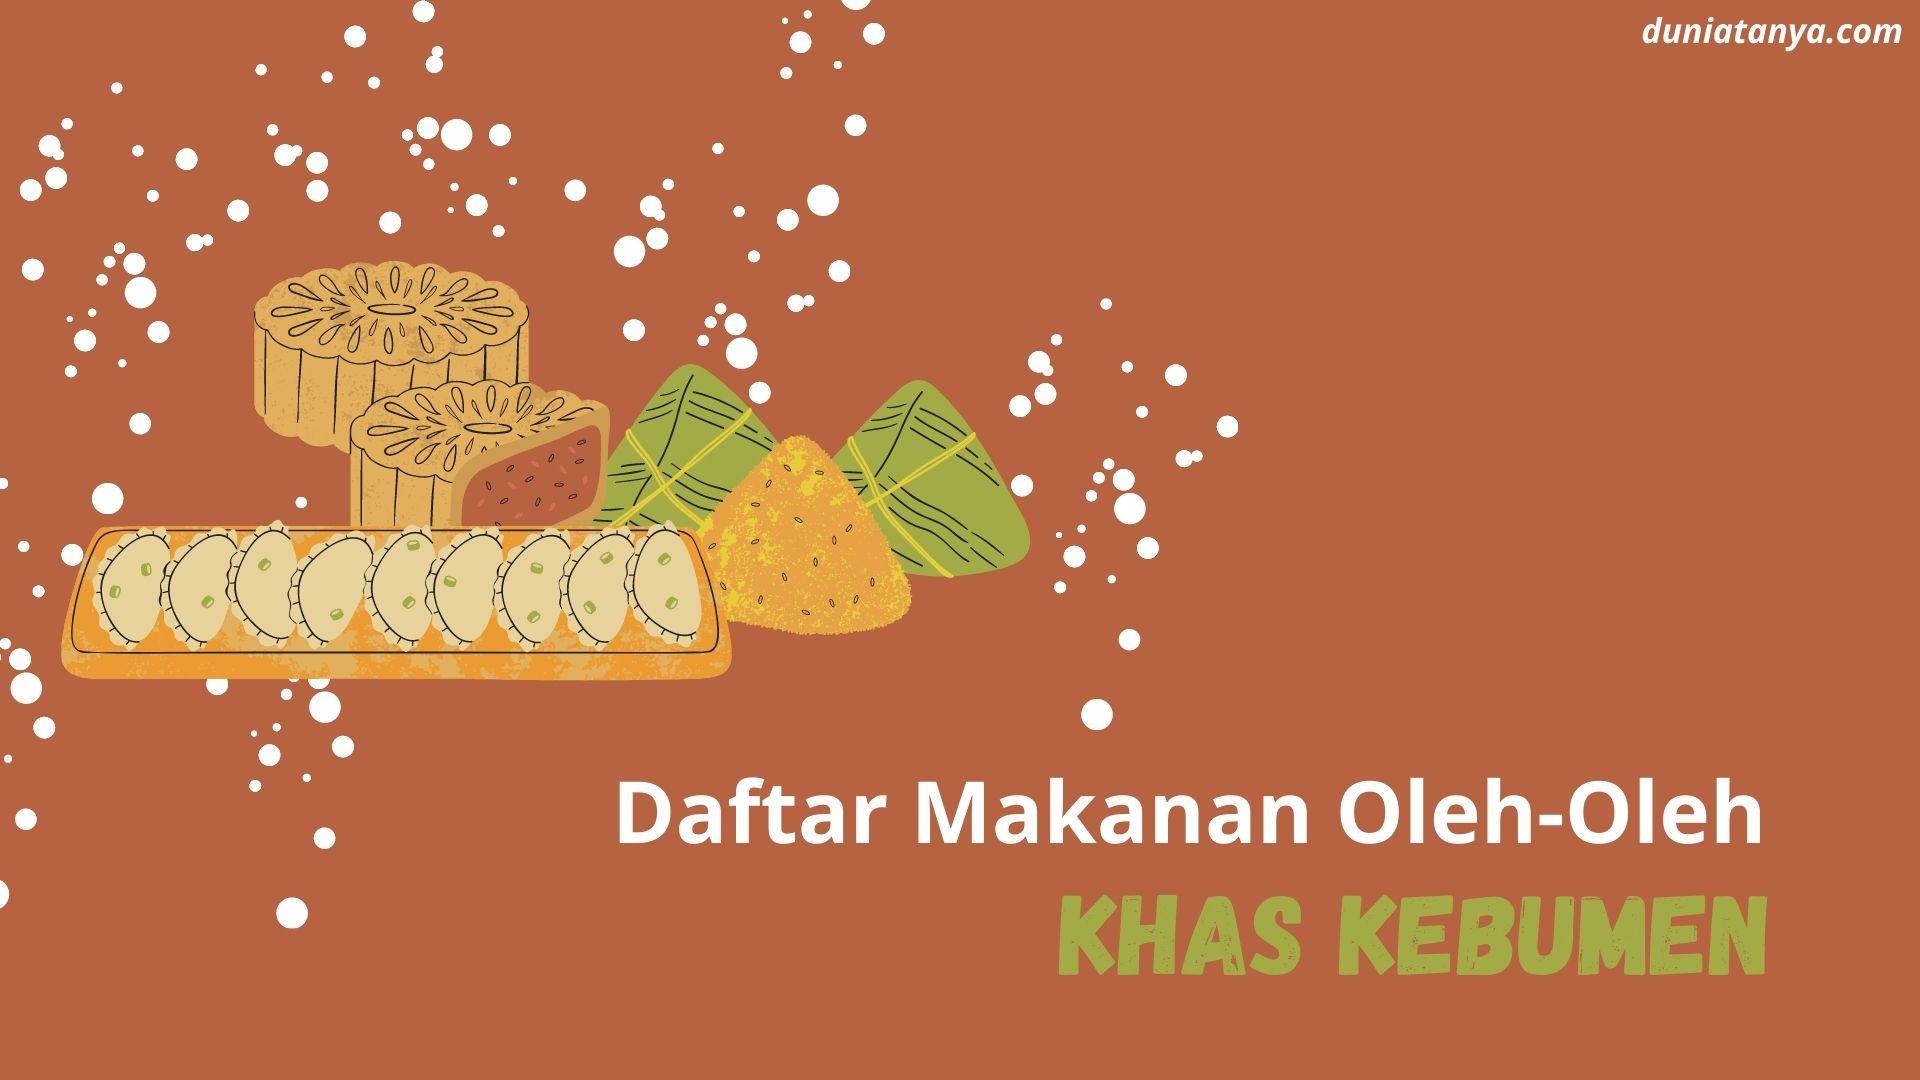 You are currently viewing Daftar Makanan Oleh-Oleh Khas Kebumen